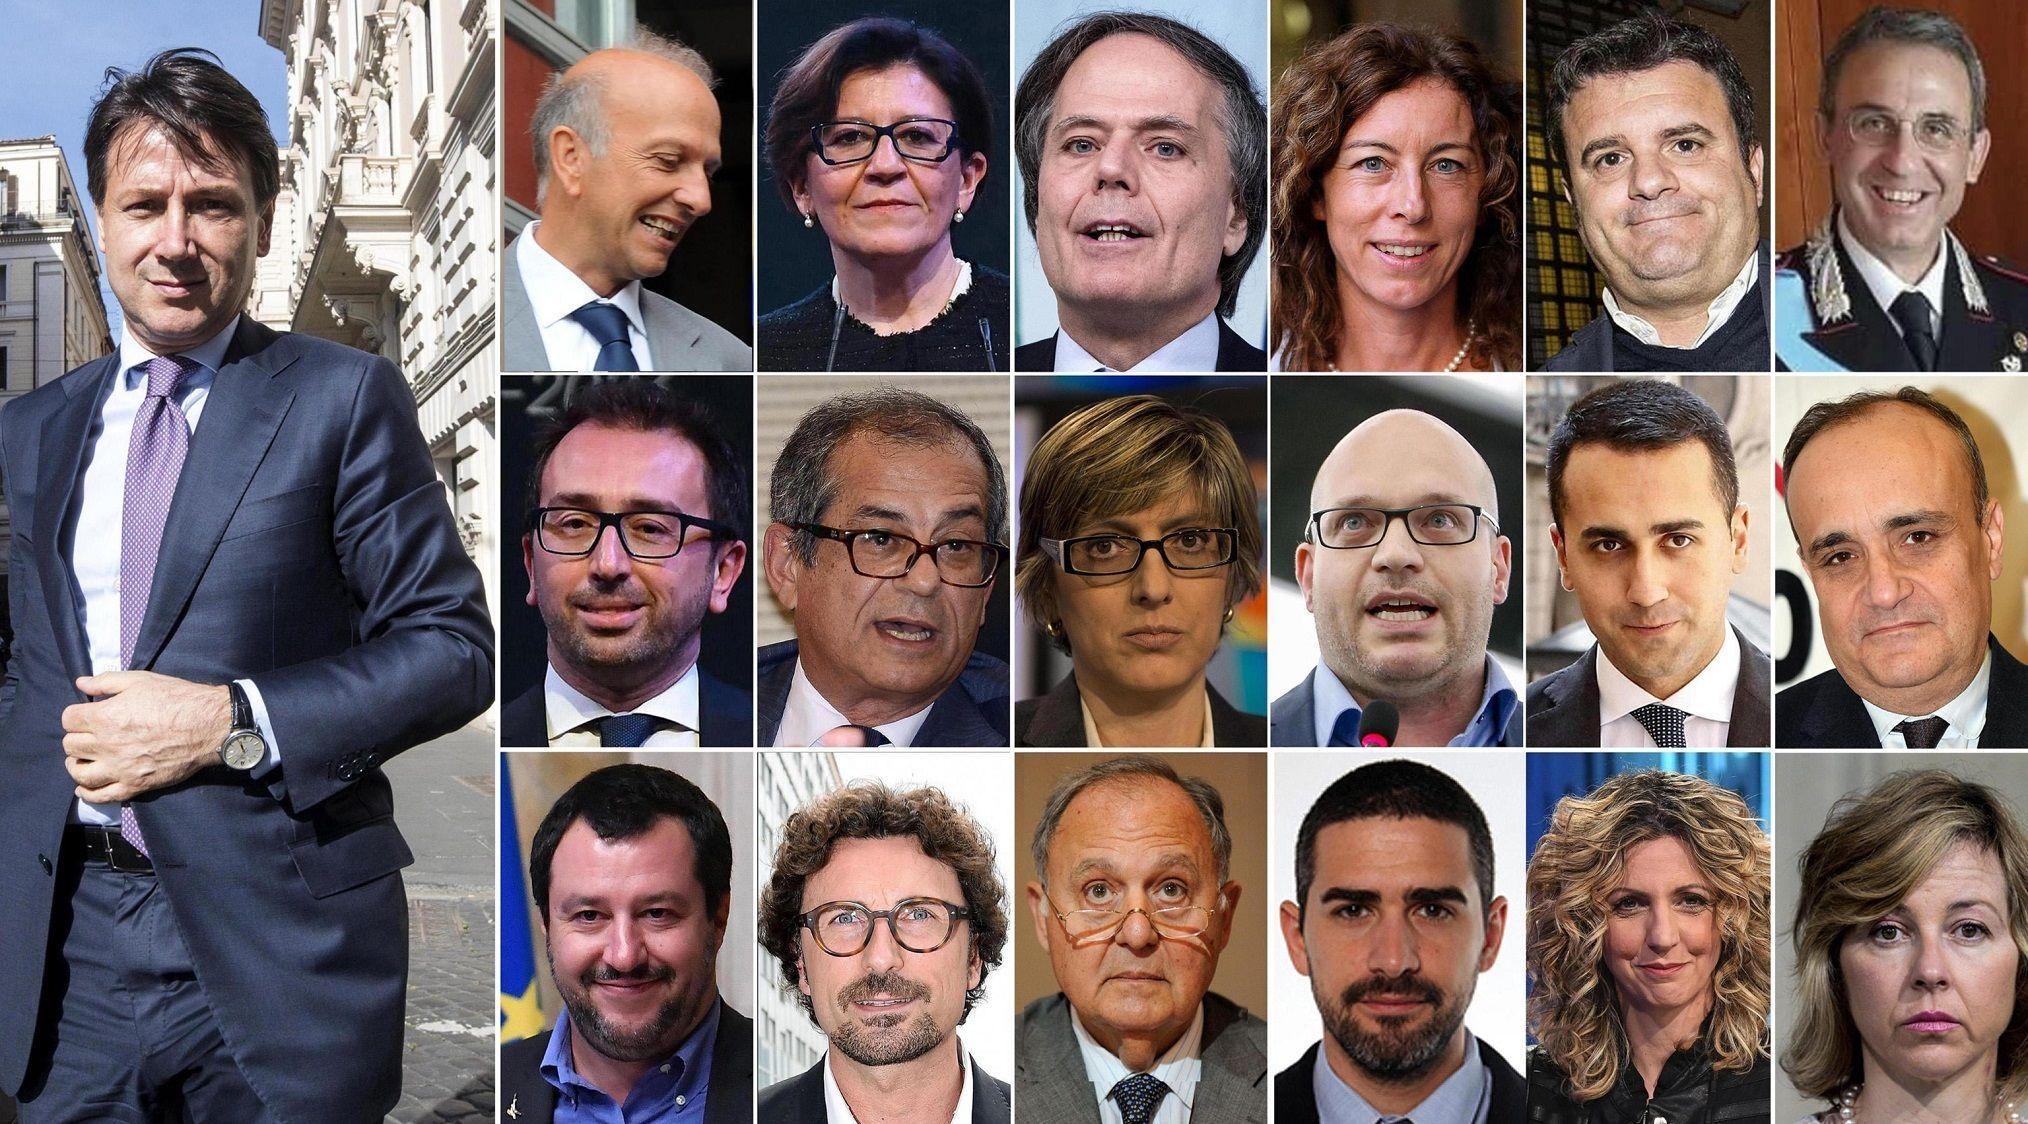 Ecco, il governo Conte; 18 ministri, 5 donne